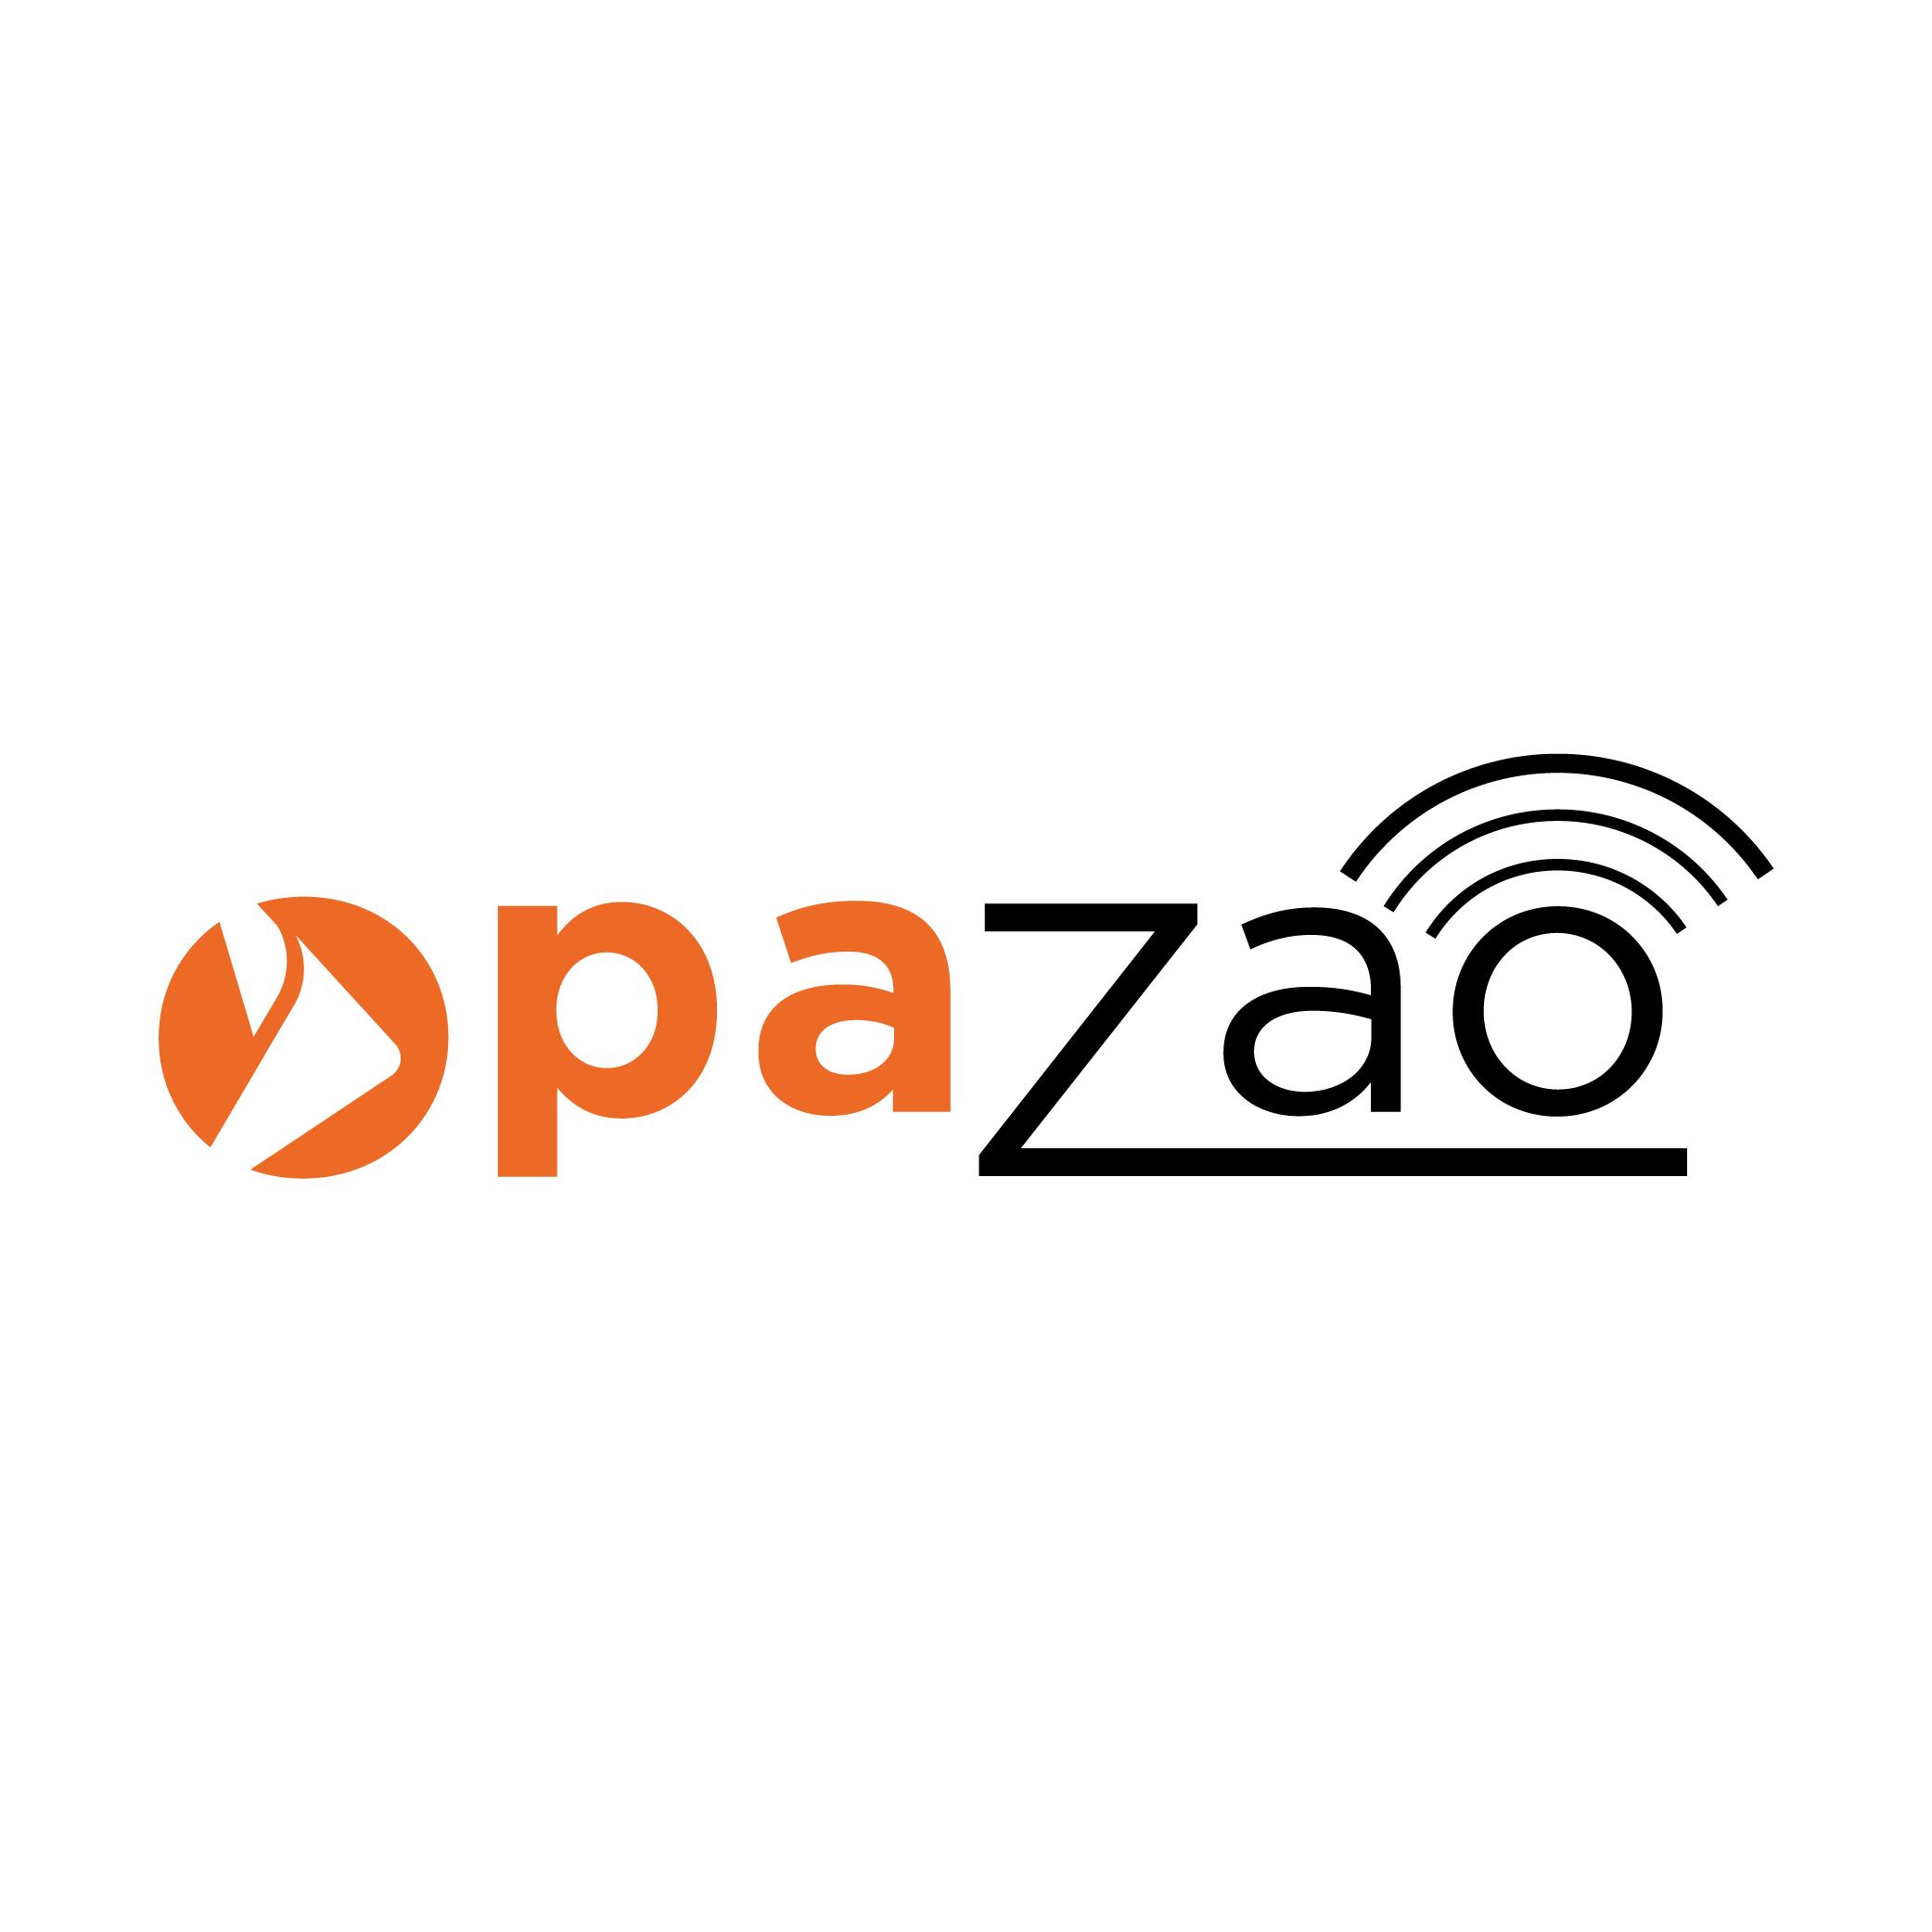 Opazao show art